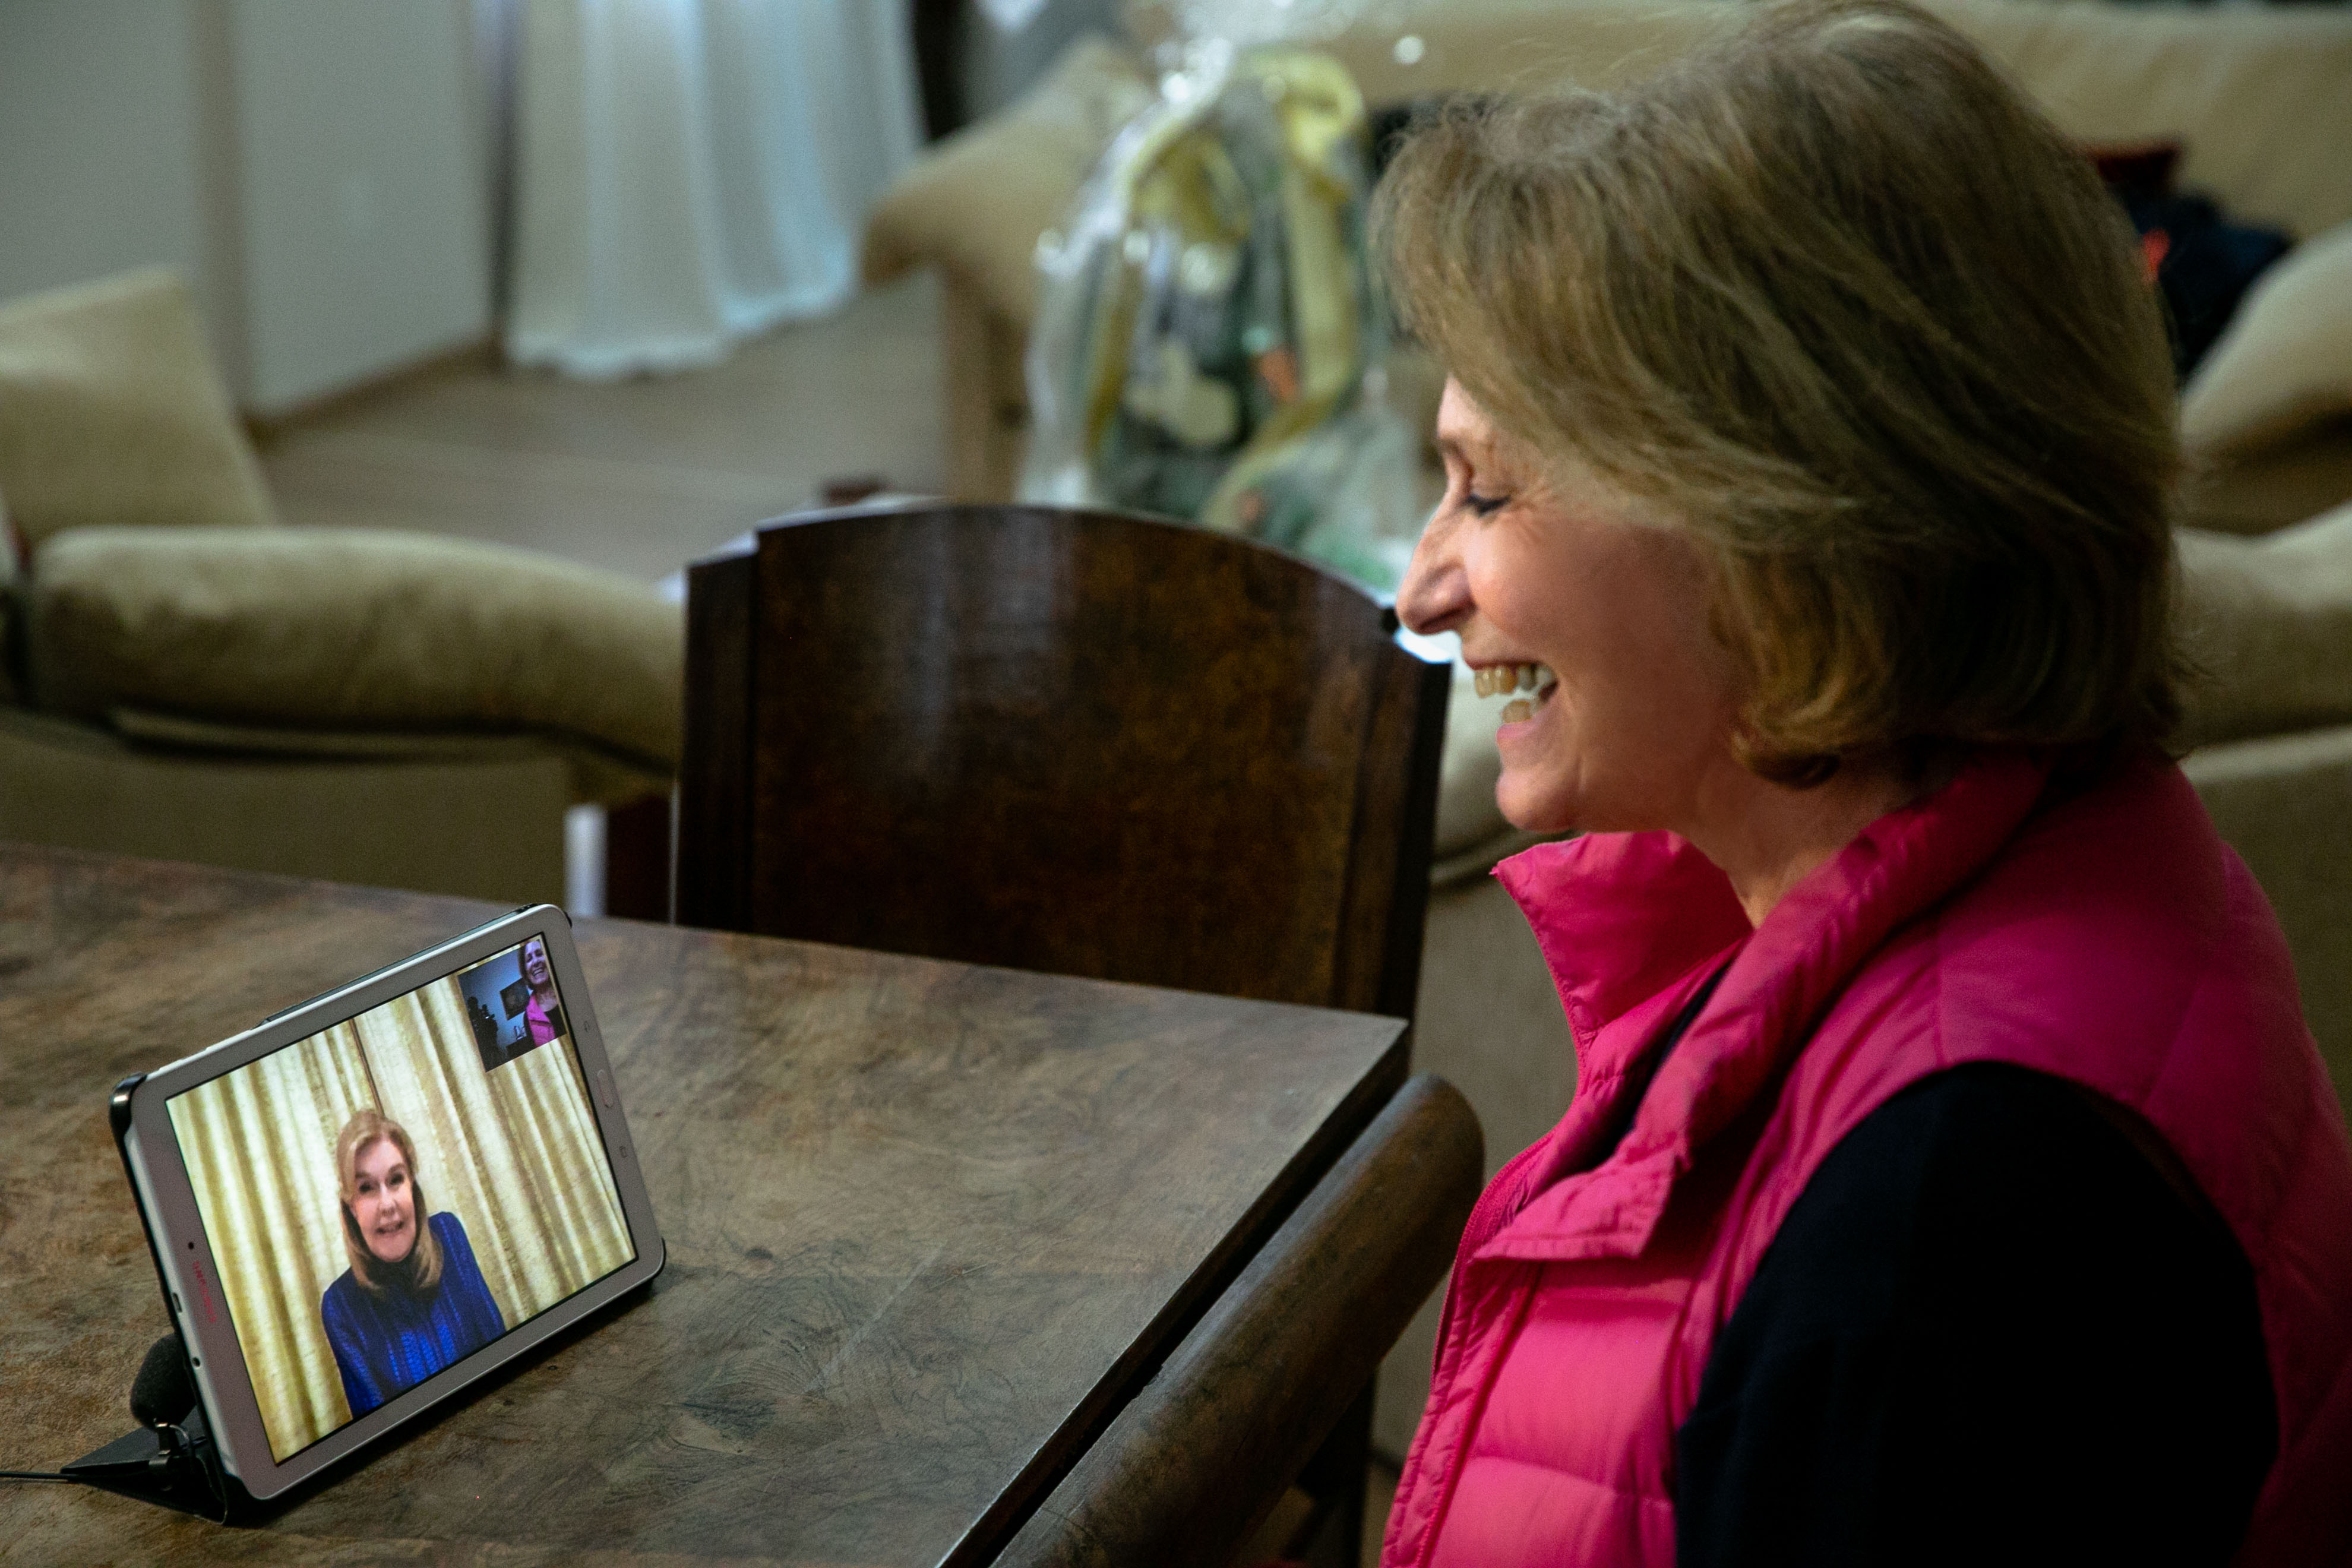 """Η Πρόεδρος της Χριστιανικής Στέγης Κοριτσιού """"Η Αγία Άννα"""" κυρία Ευαγγελία Παλαιολόγου  κατά τη διάρκεια του skype"""